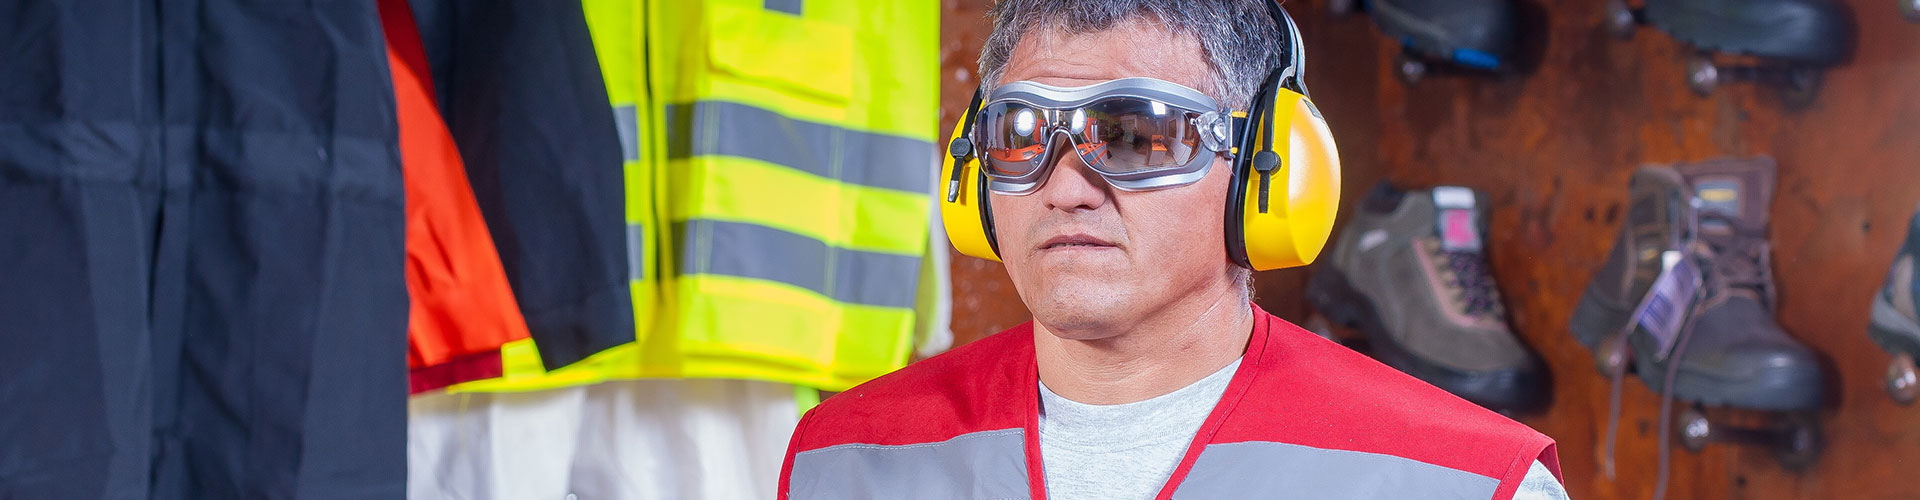 Corso per la sicurezza nei luoghi di lavoro – Aggiornamento Lavoratori (6 ore)